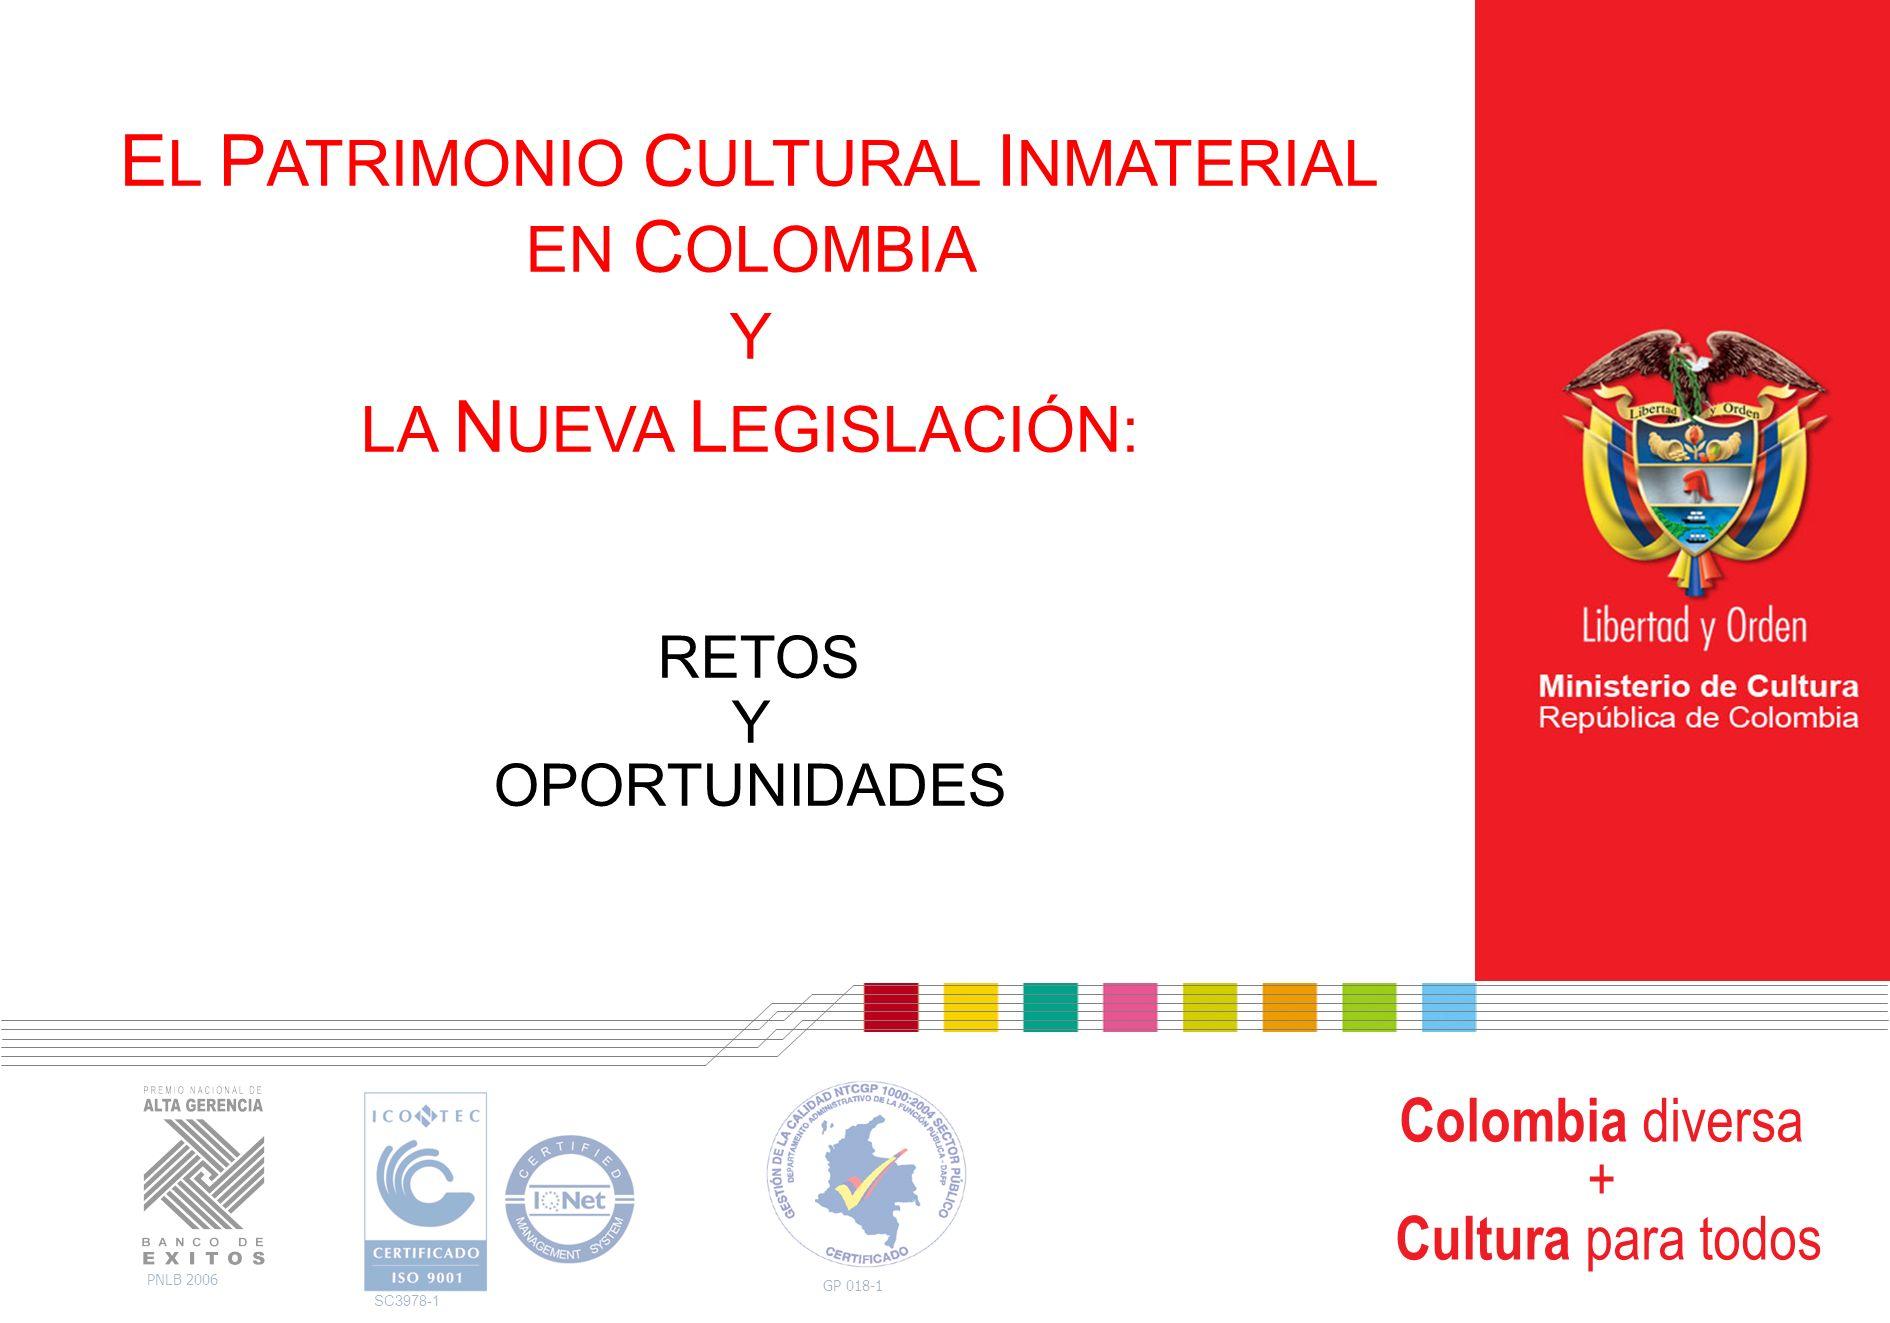 EL PATRIMONIO CULTURAL INMATERIAL EN COLOMBIA